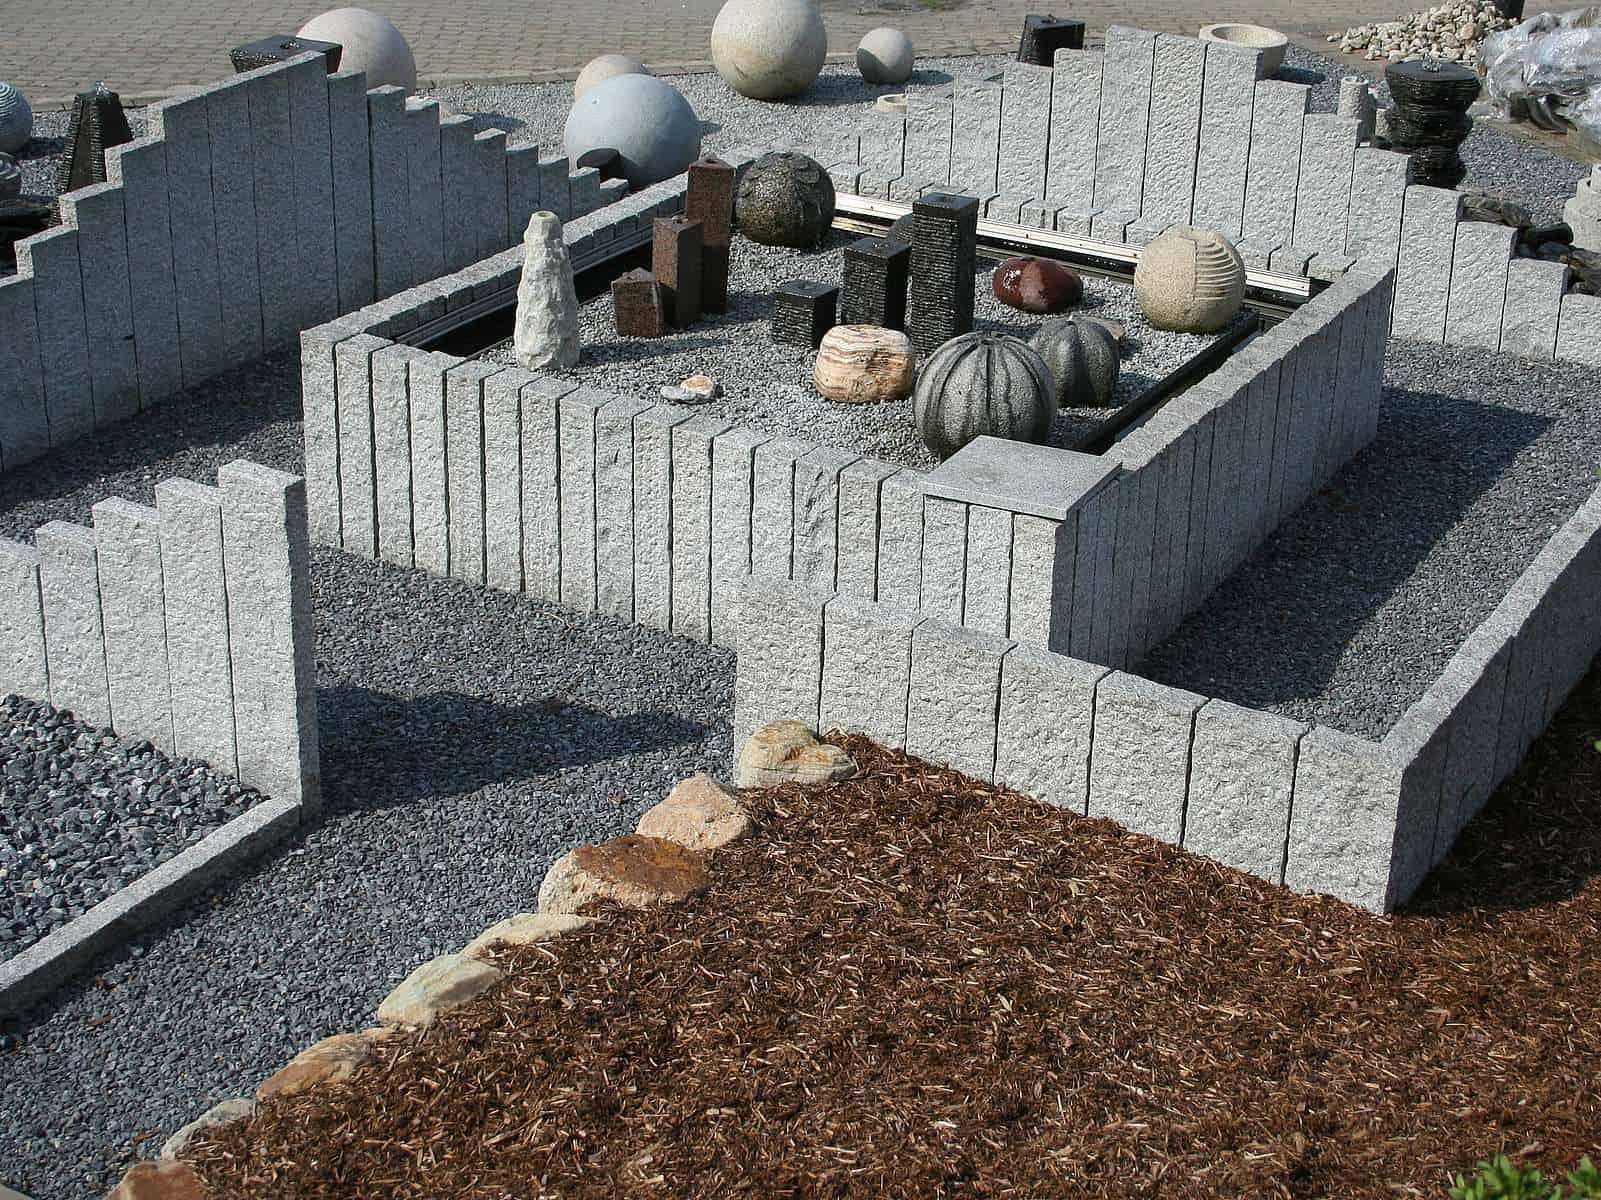 Palisaden und Randsteine im hochformatigen Einbau. Hier kann man die unterschiedliche Wirkung der Formate gut sehen.